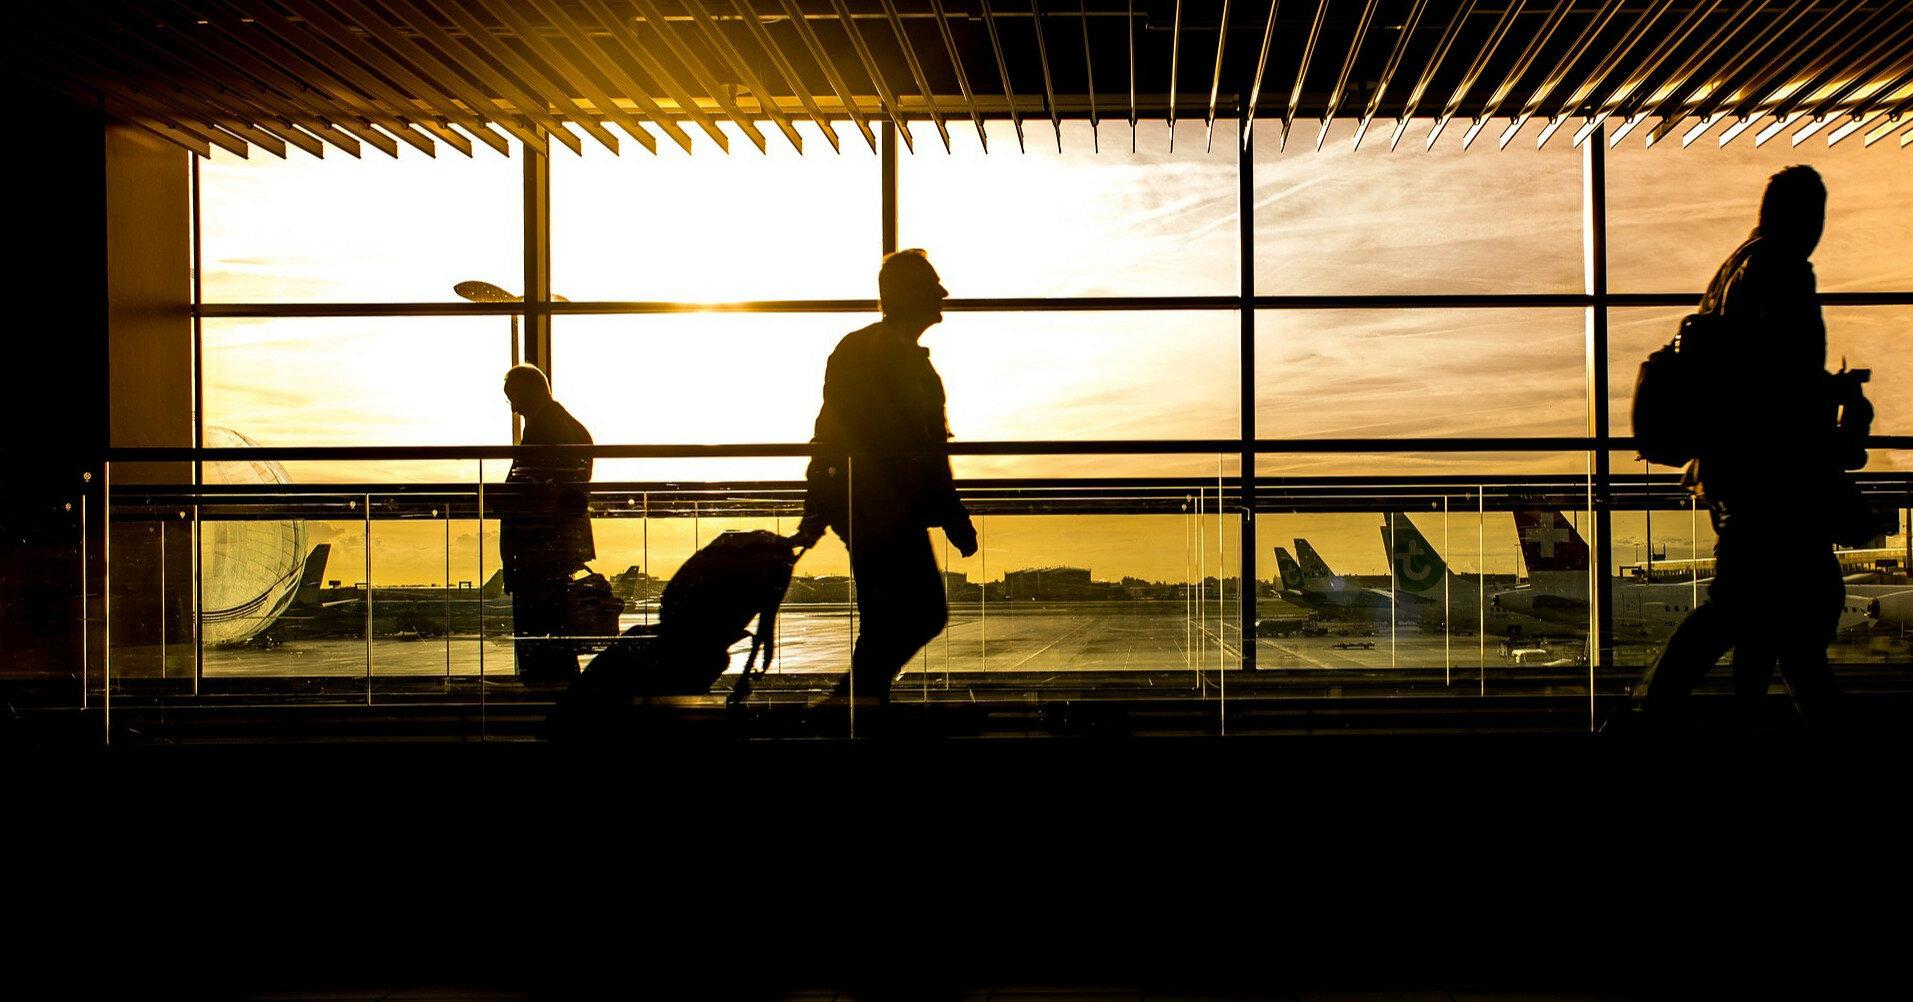 Во львовском аэропорту взорвали сумку с ноутбуком